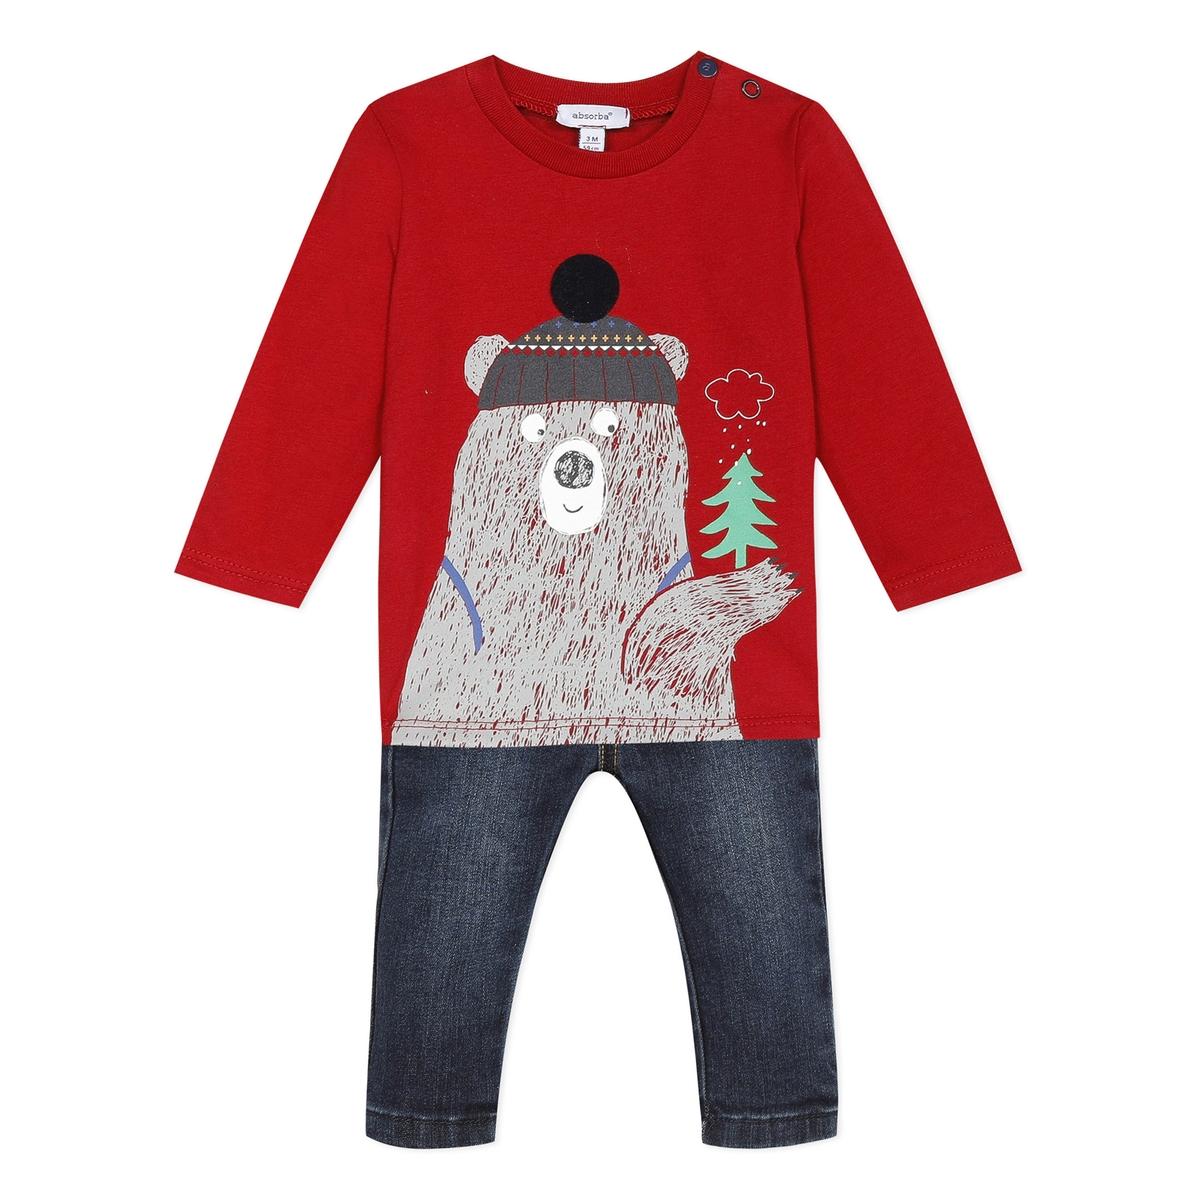 Комплект из футболки с длинными La Redoute Рукавами и джинсов - мес 3 мес. - 60 см красный комбинезон с длинными рукавами 0 мес 3 года